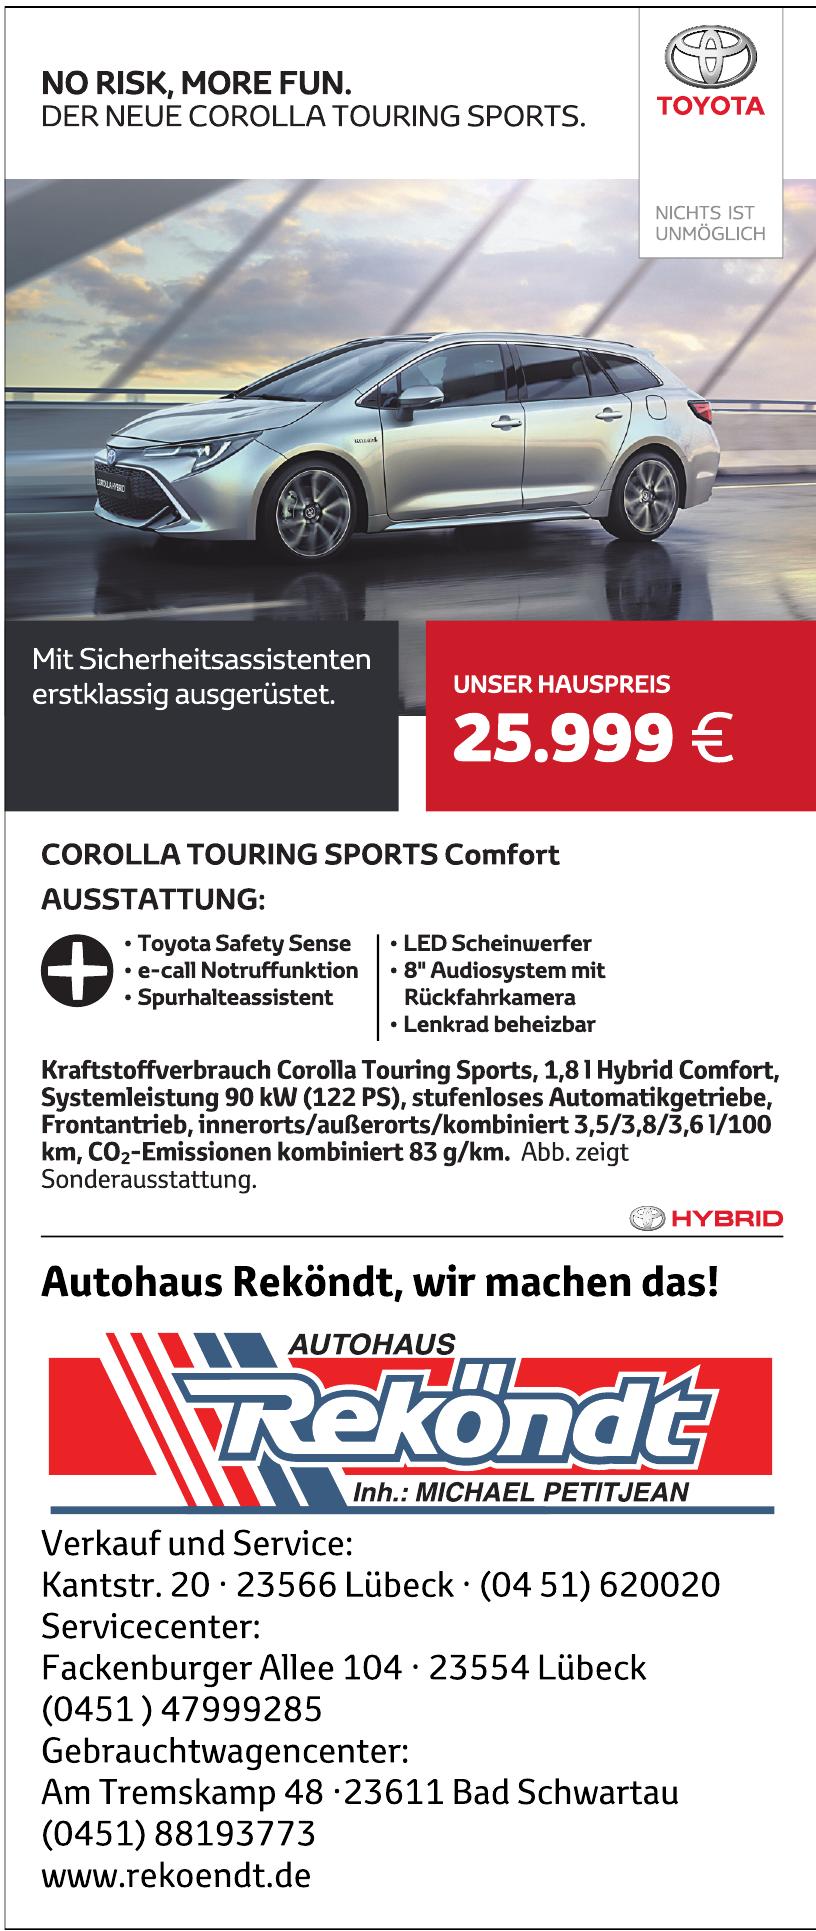 Autohaus Reköndt Inh. Michael Petitjean E. K.